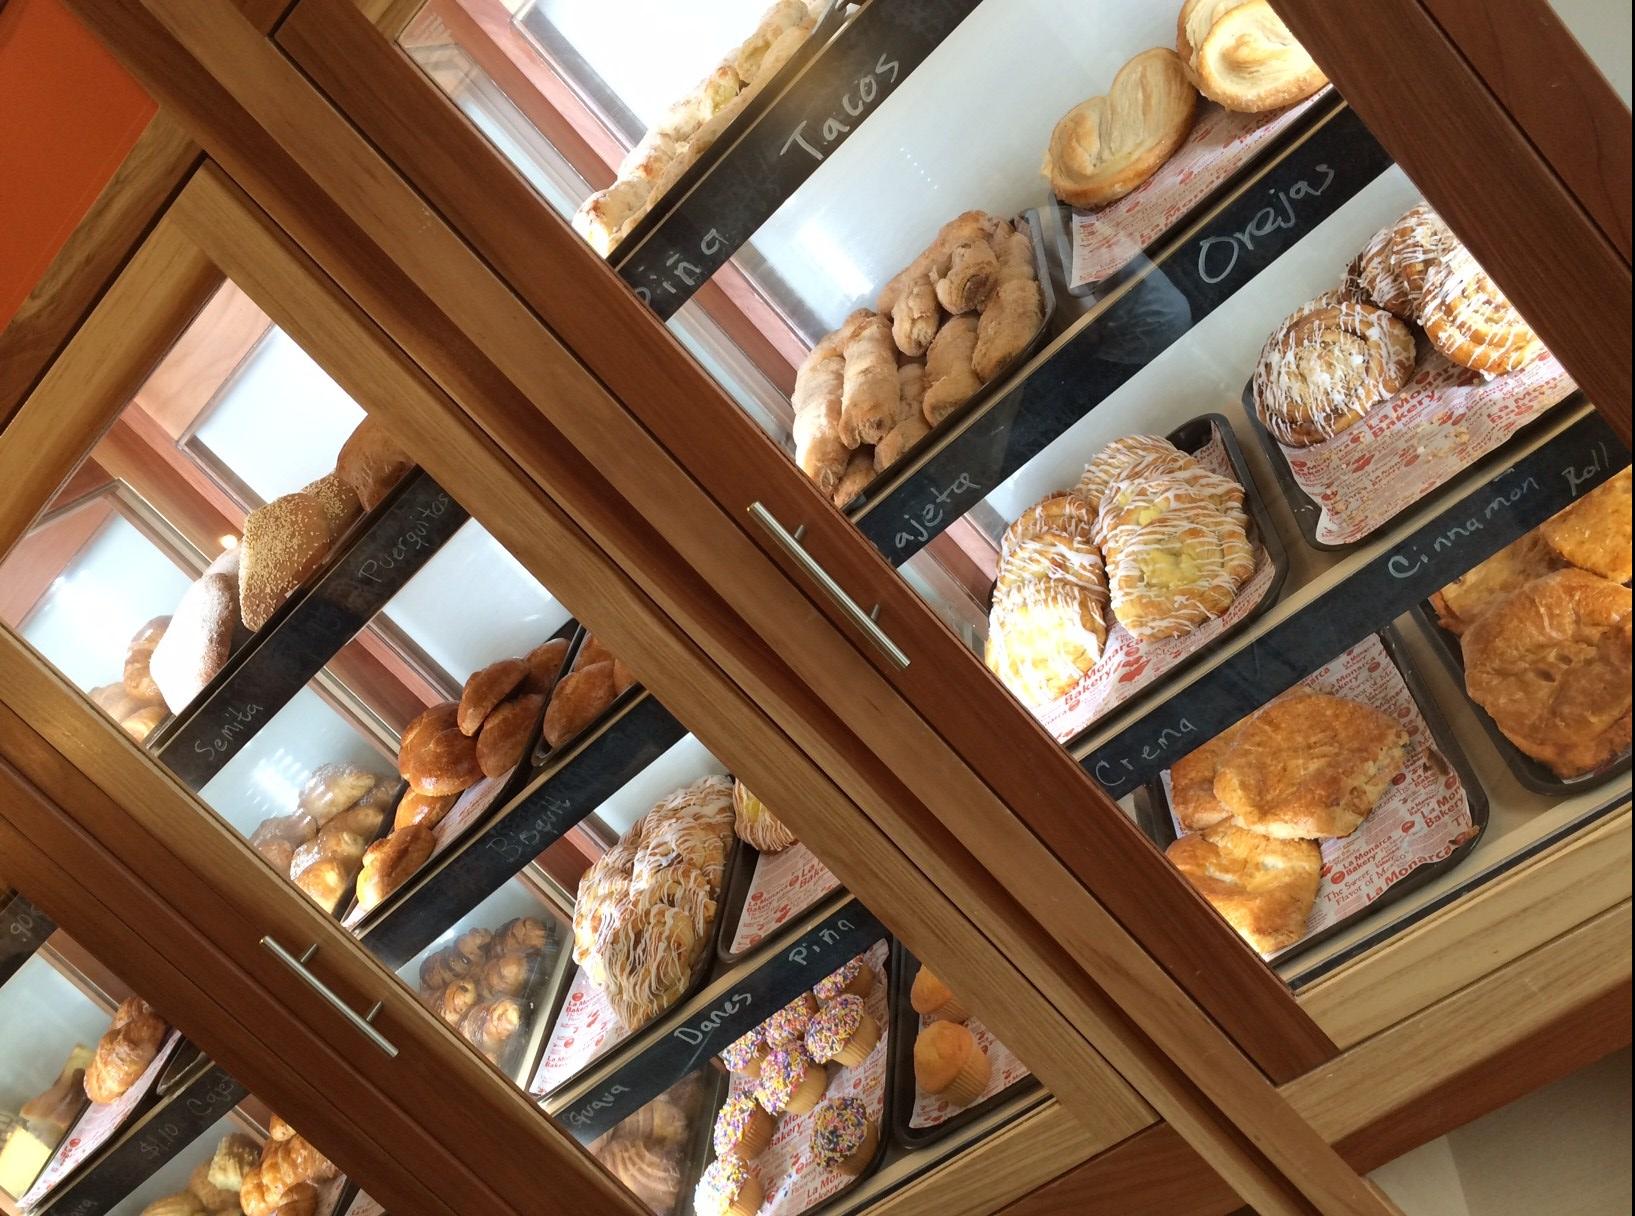 la-monarca-baked-goods-e1532297818567.jpg